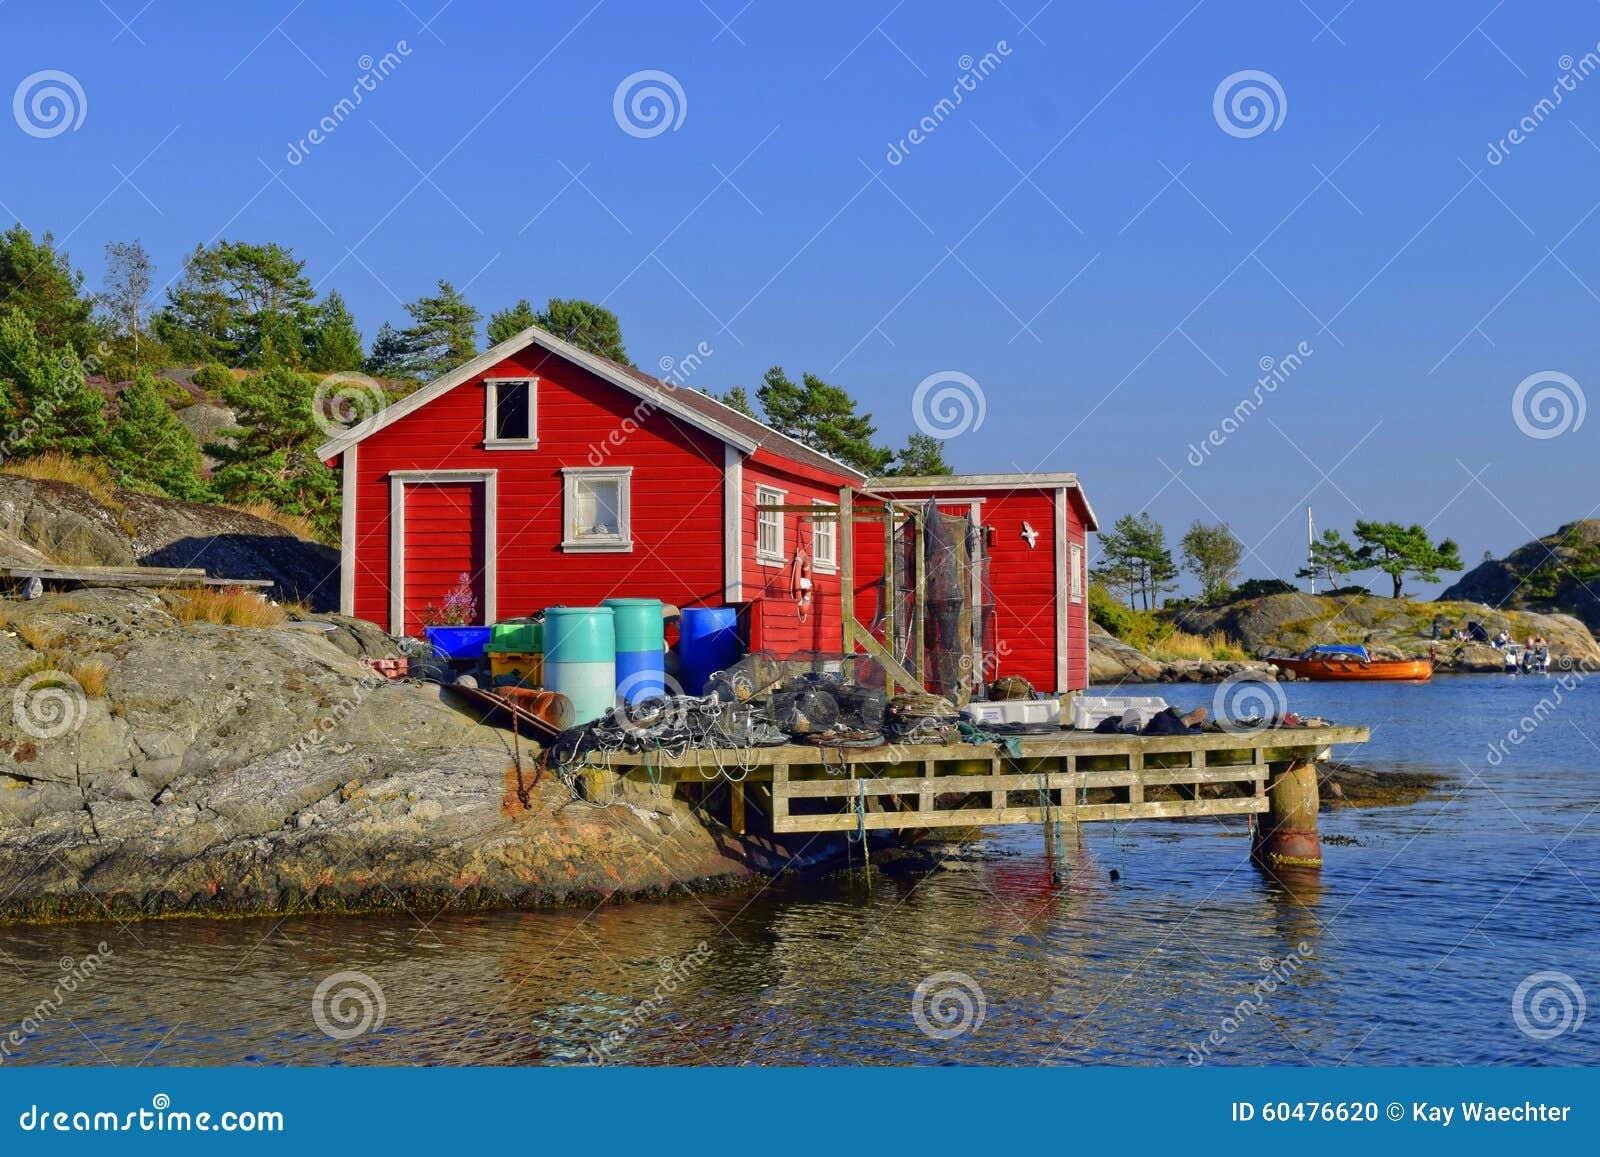 Red Norwegian Fishing House